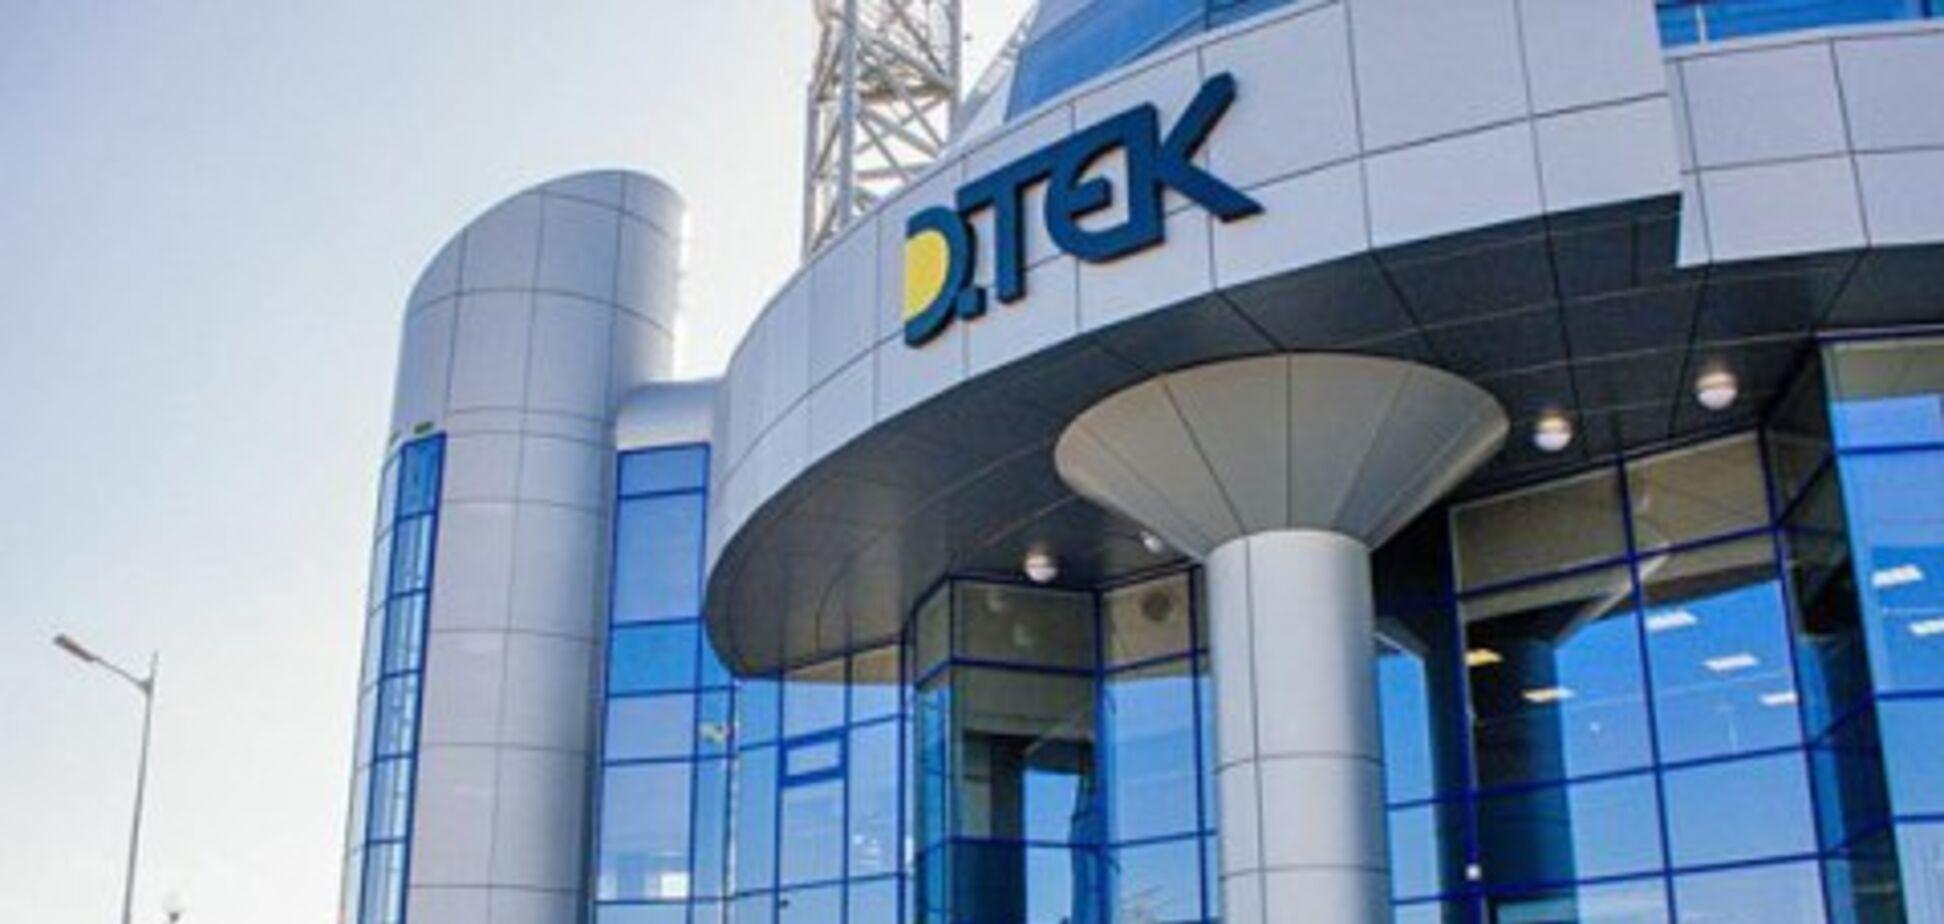 Рішення АМКУ надати ДТЕК дозвіл на покупку обленерго обгрунтовано – інвестаналітик